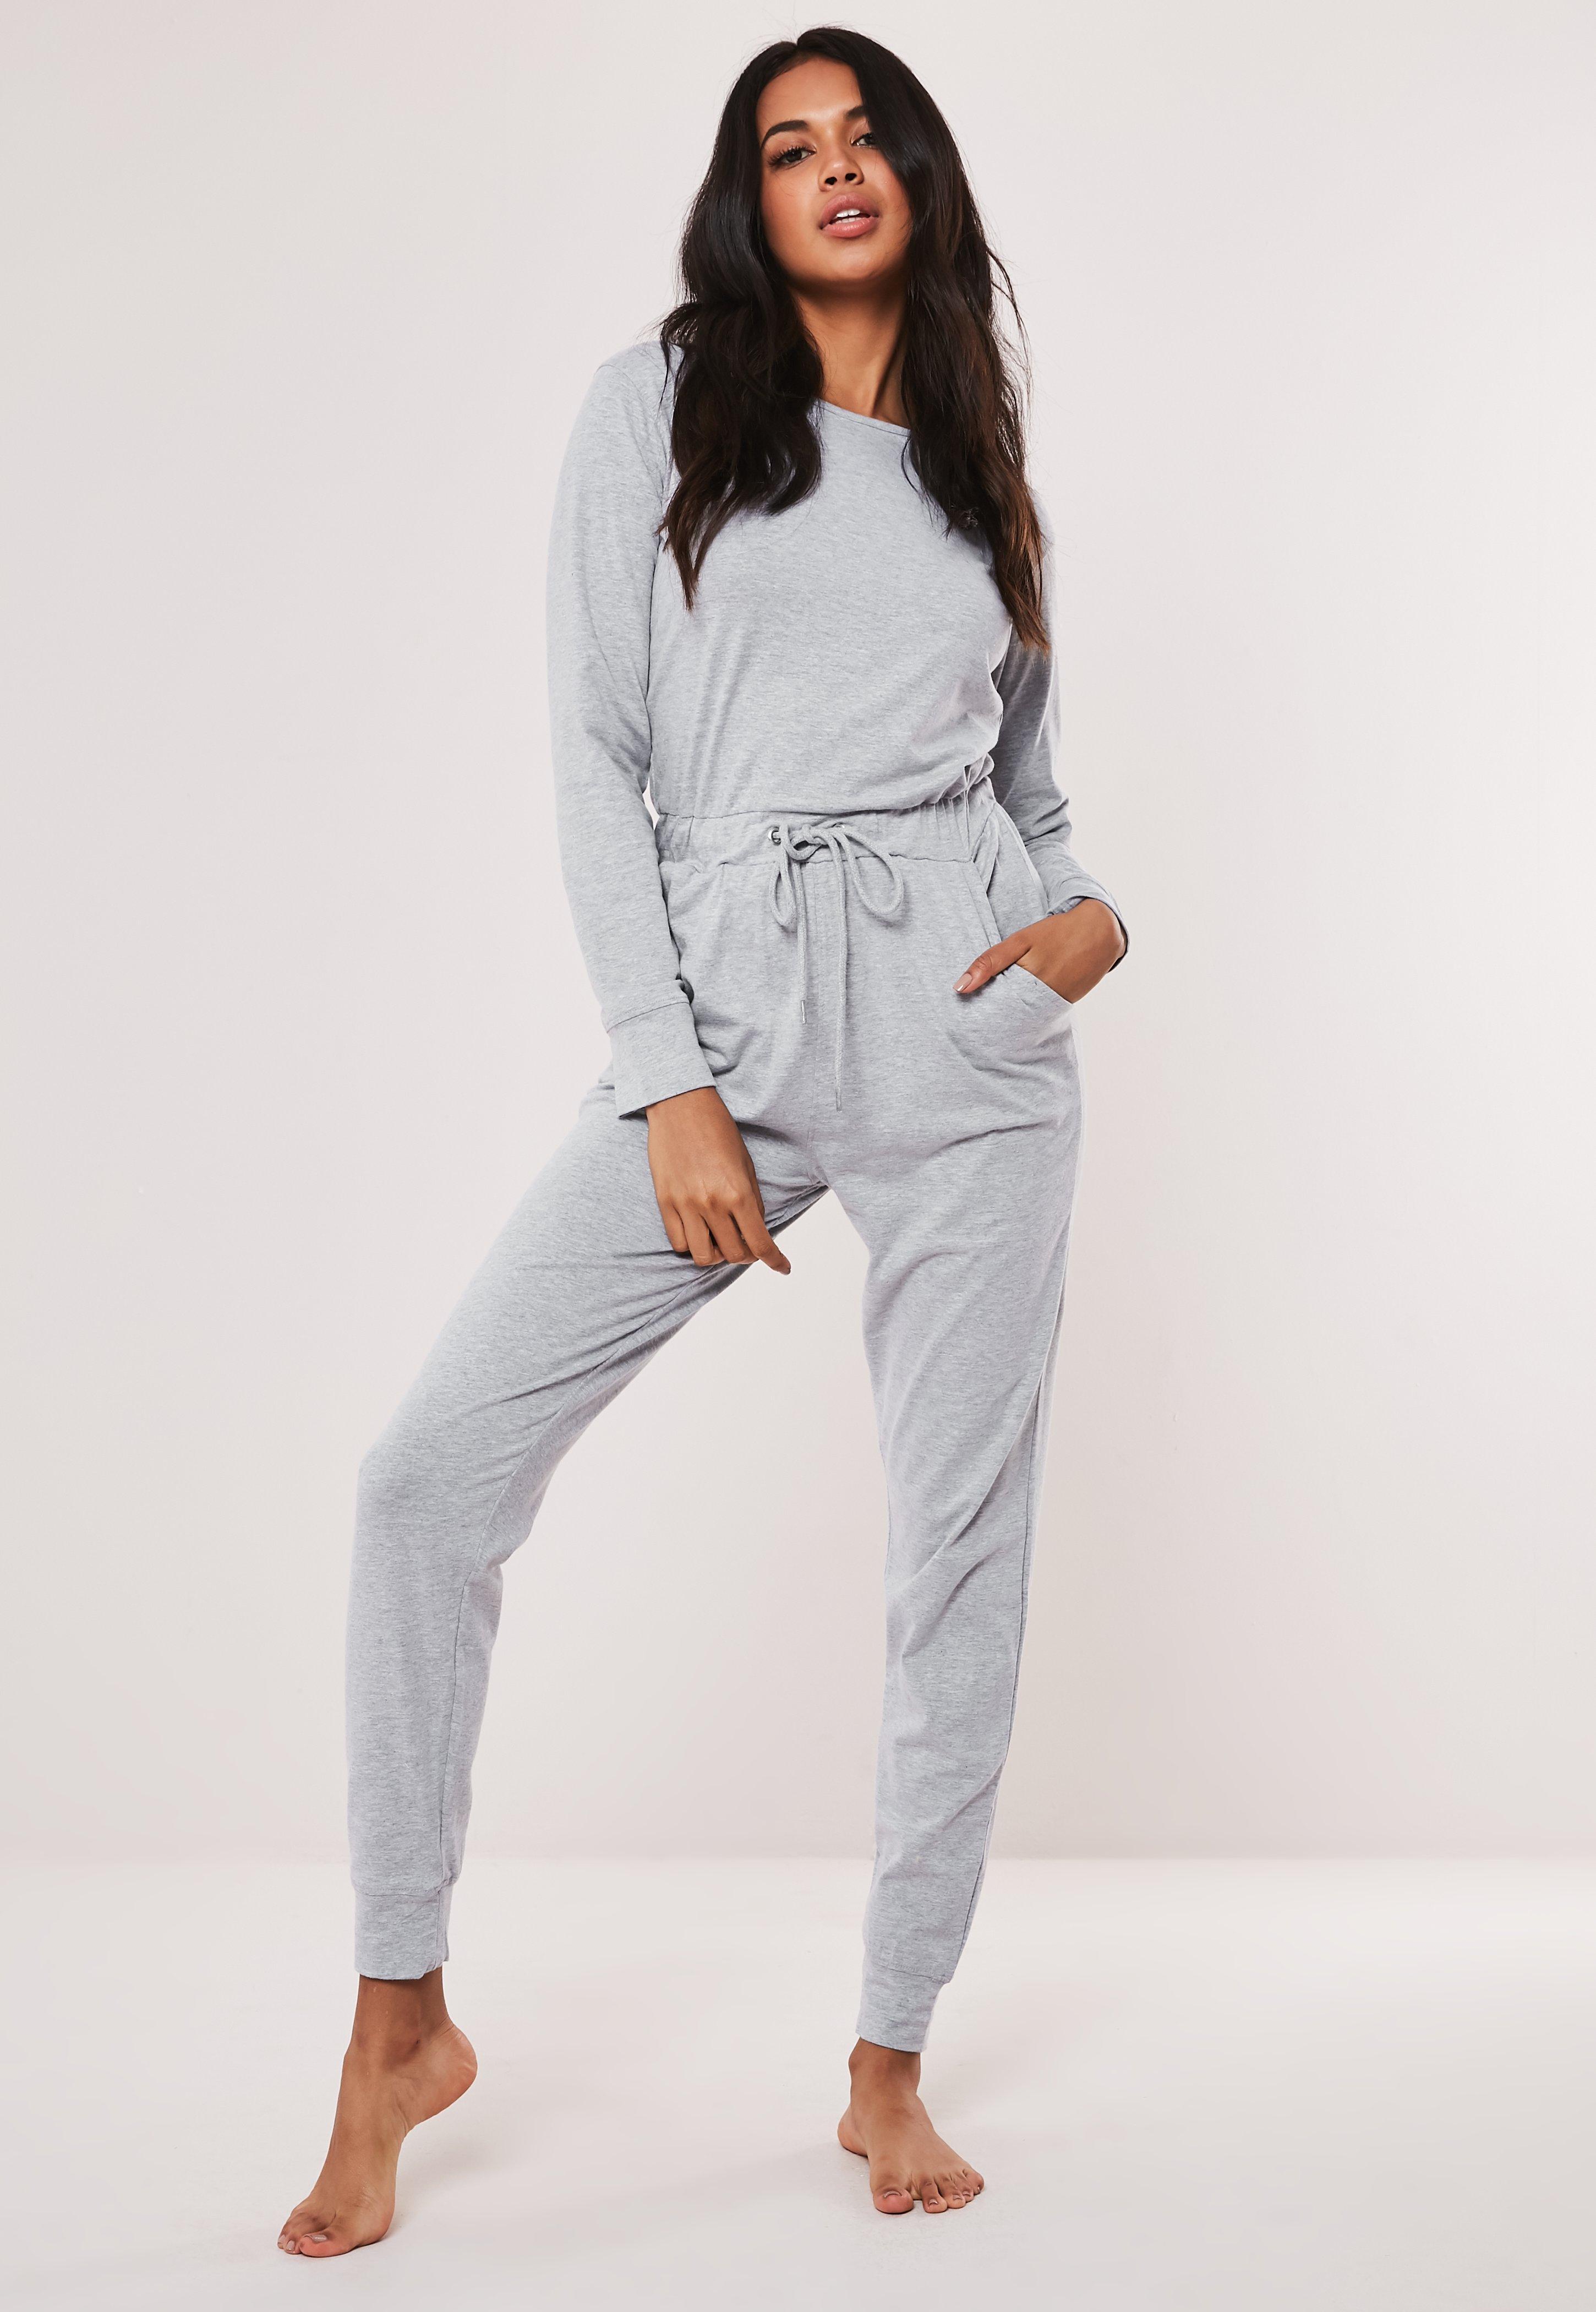 Super Dresy Damskie & Spodnie Dresowe Online - Missguided RM86